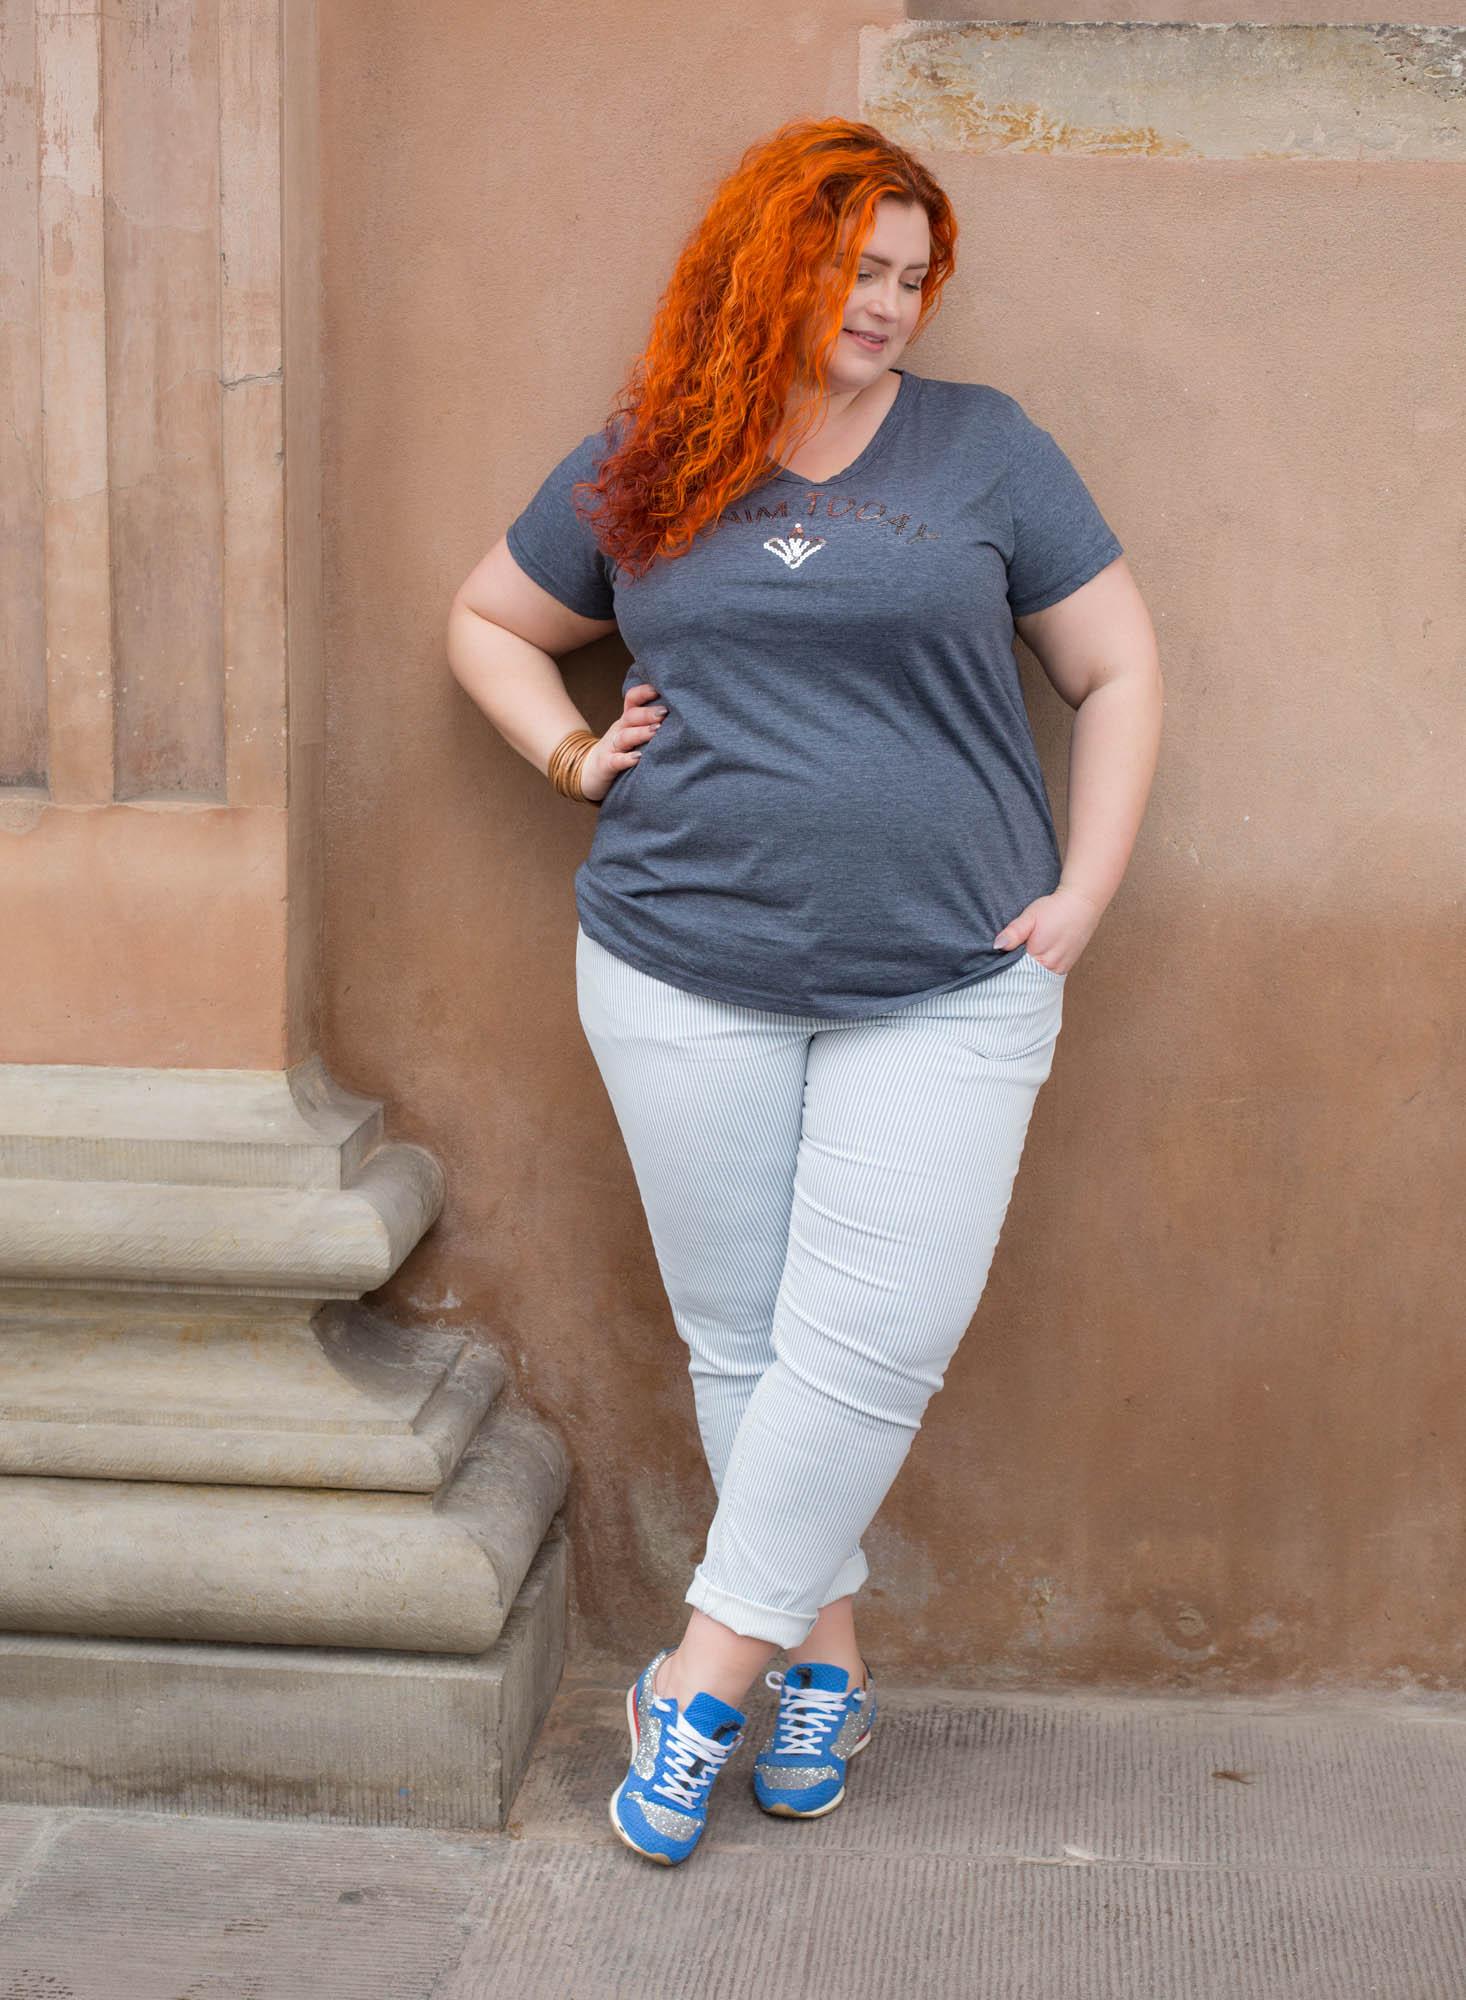 mørke piger fed kvinde